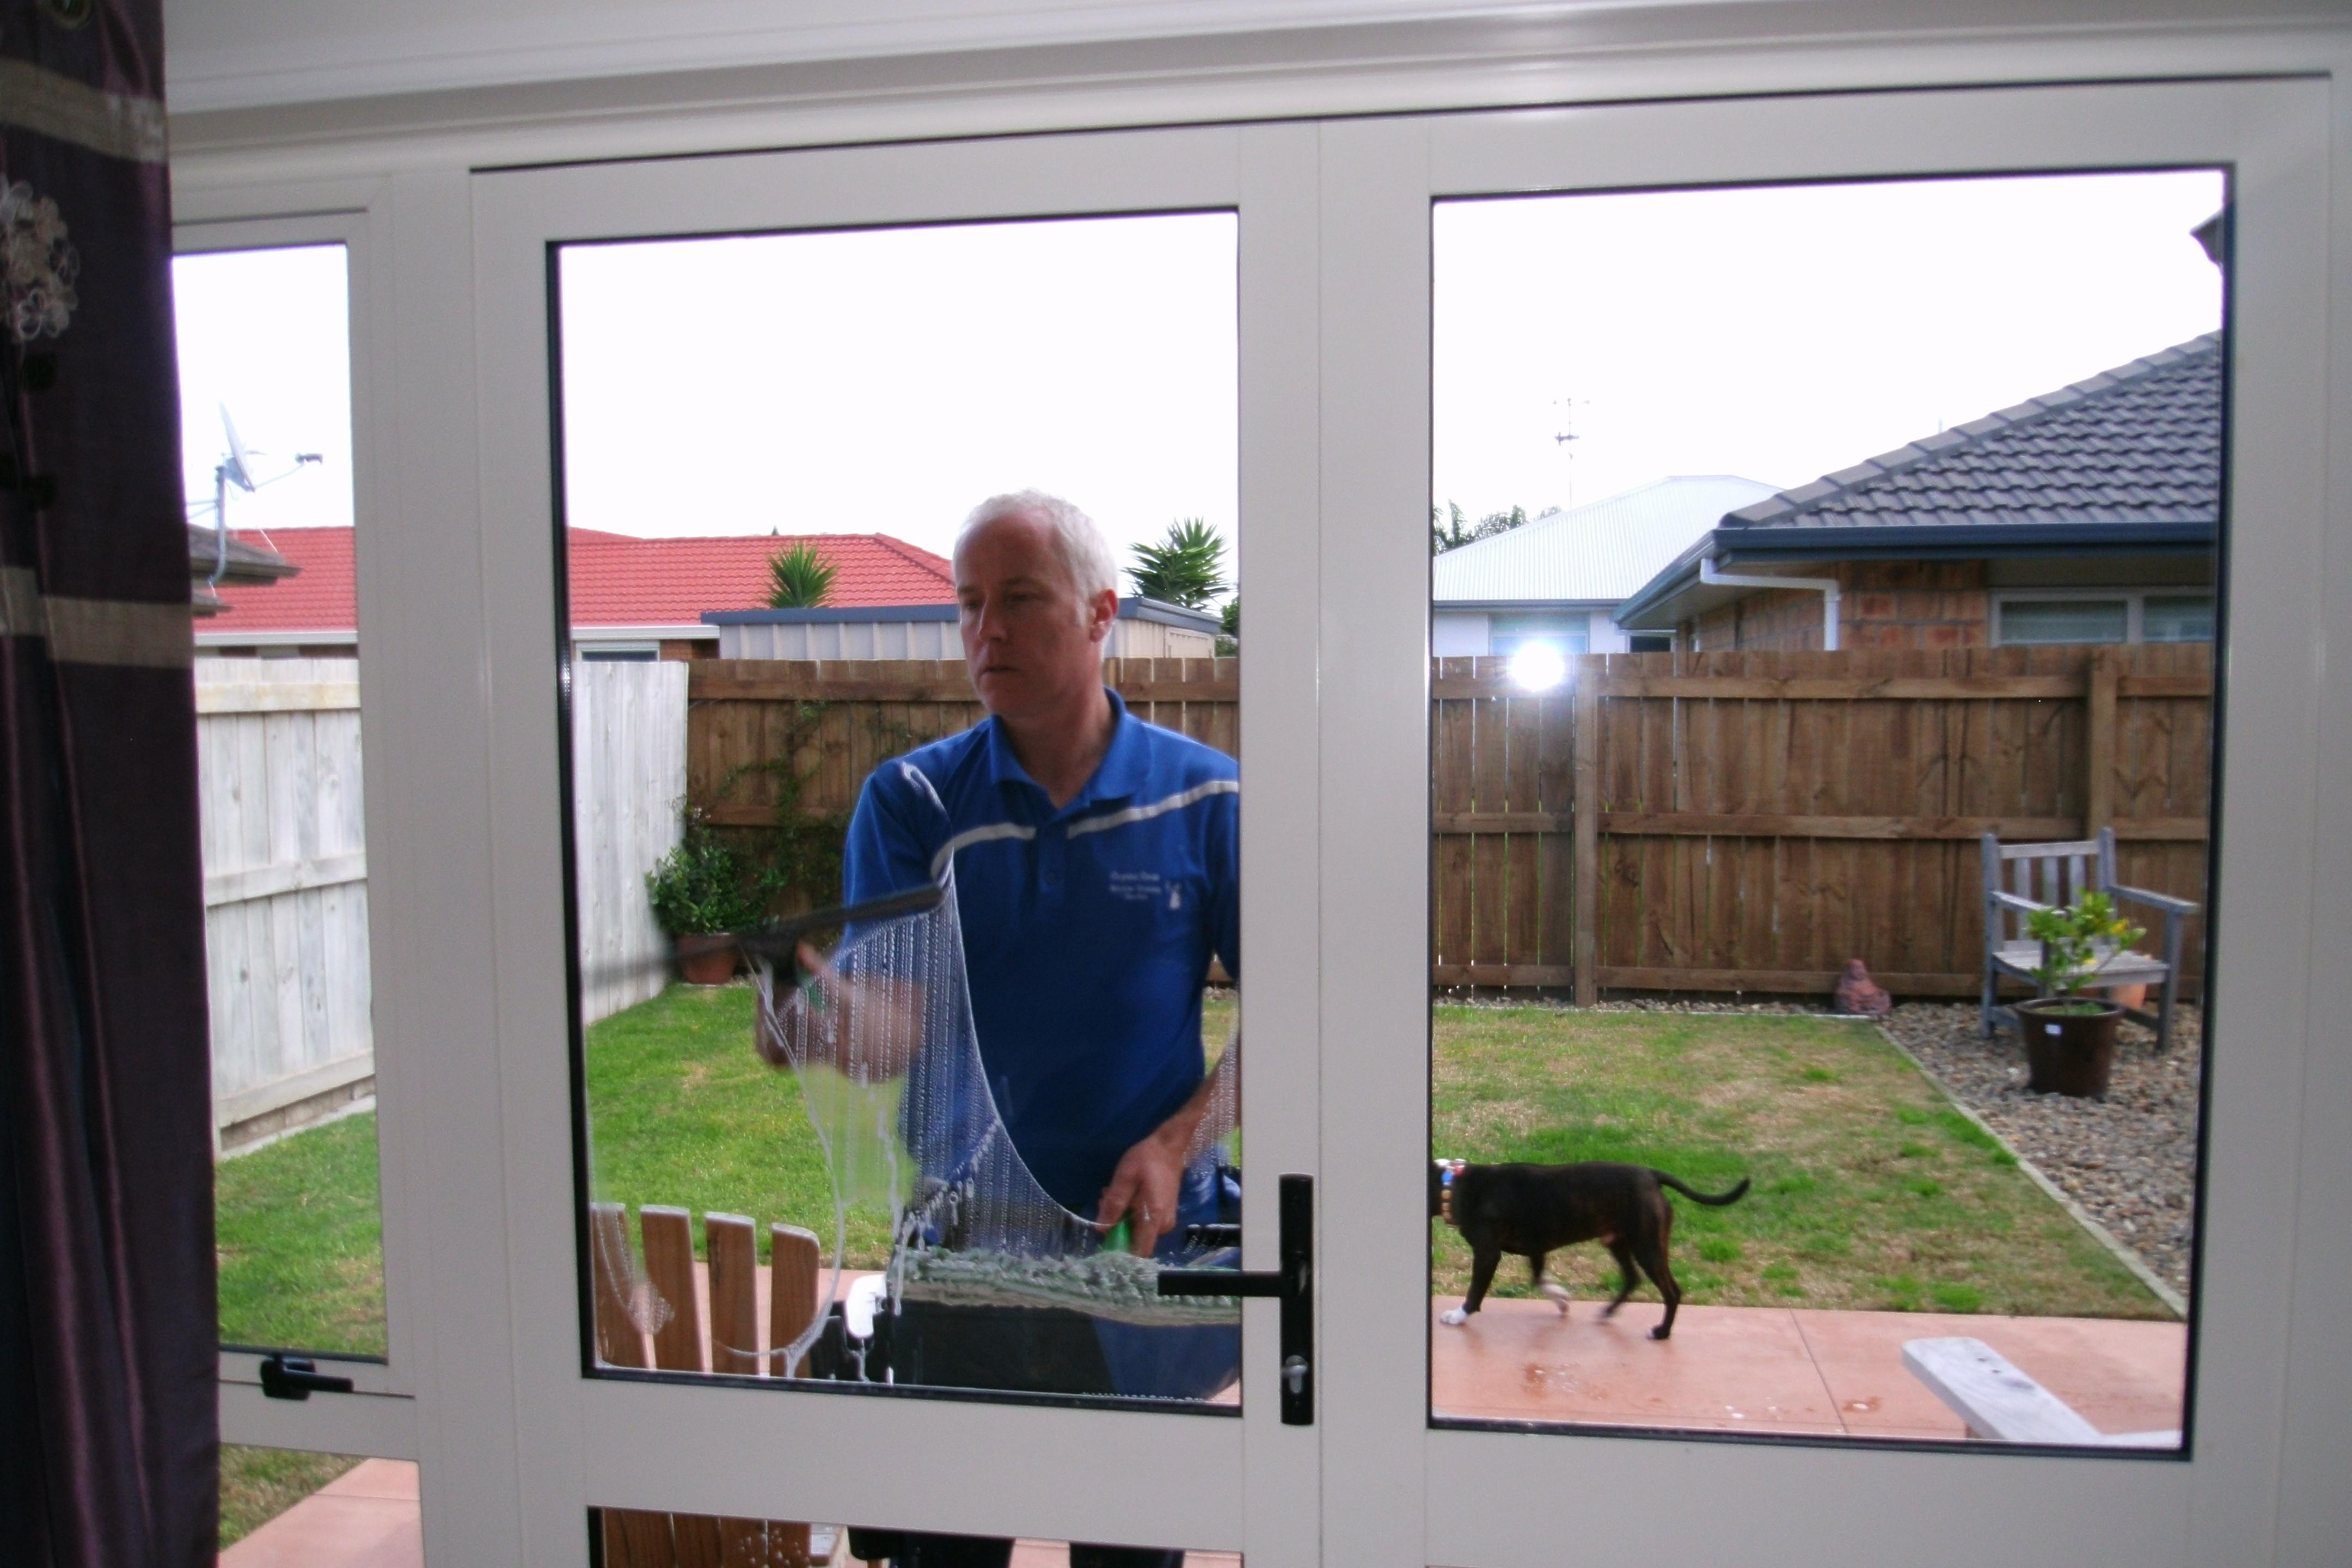 Window cleaning in Tauranga